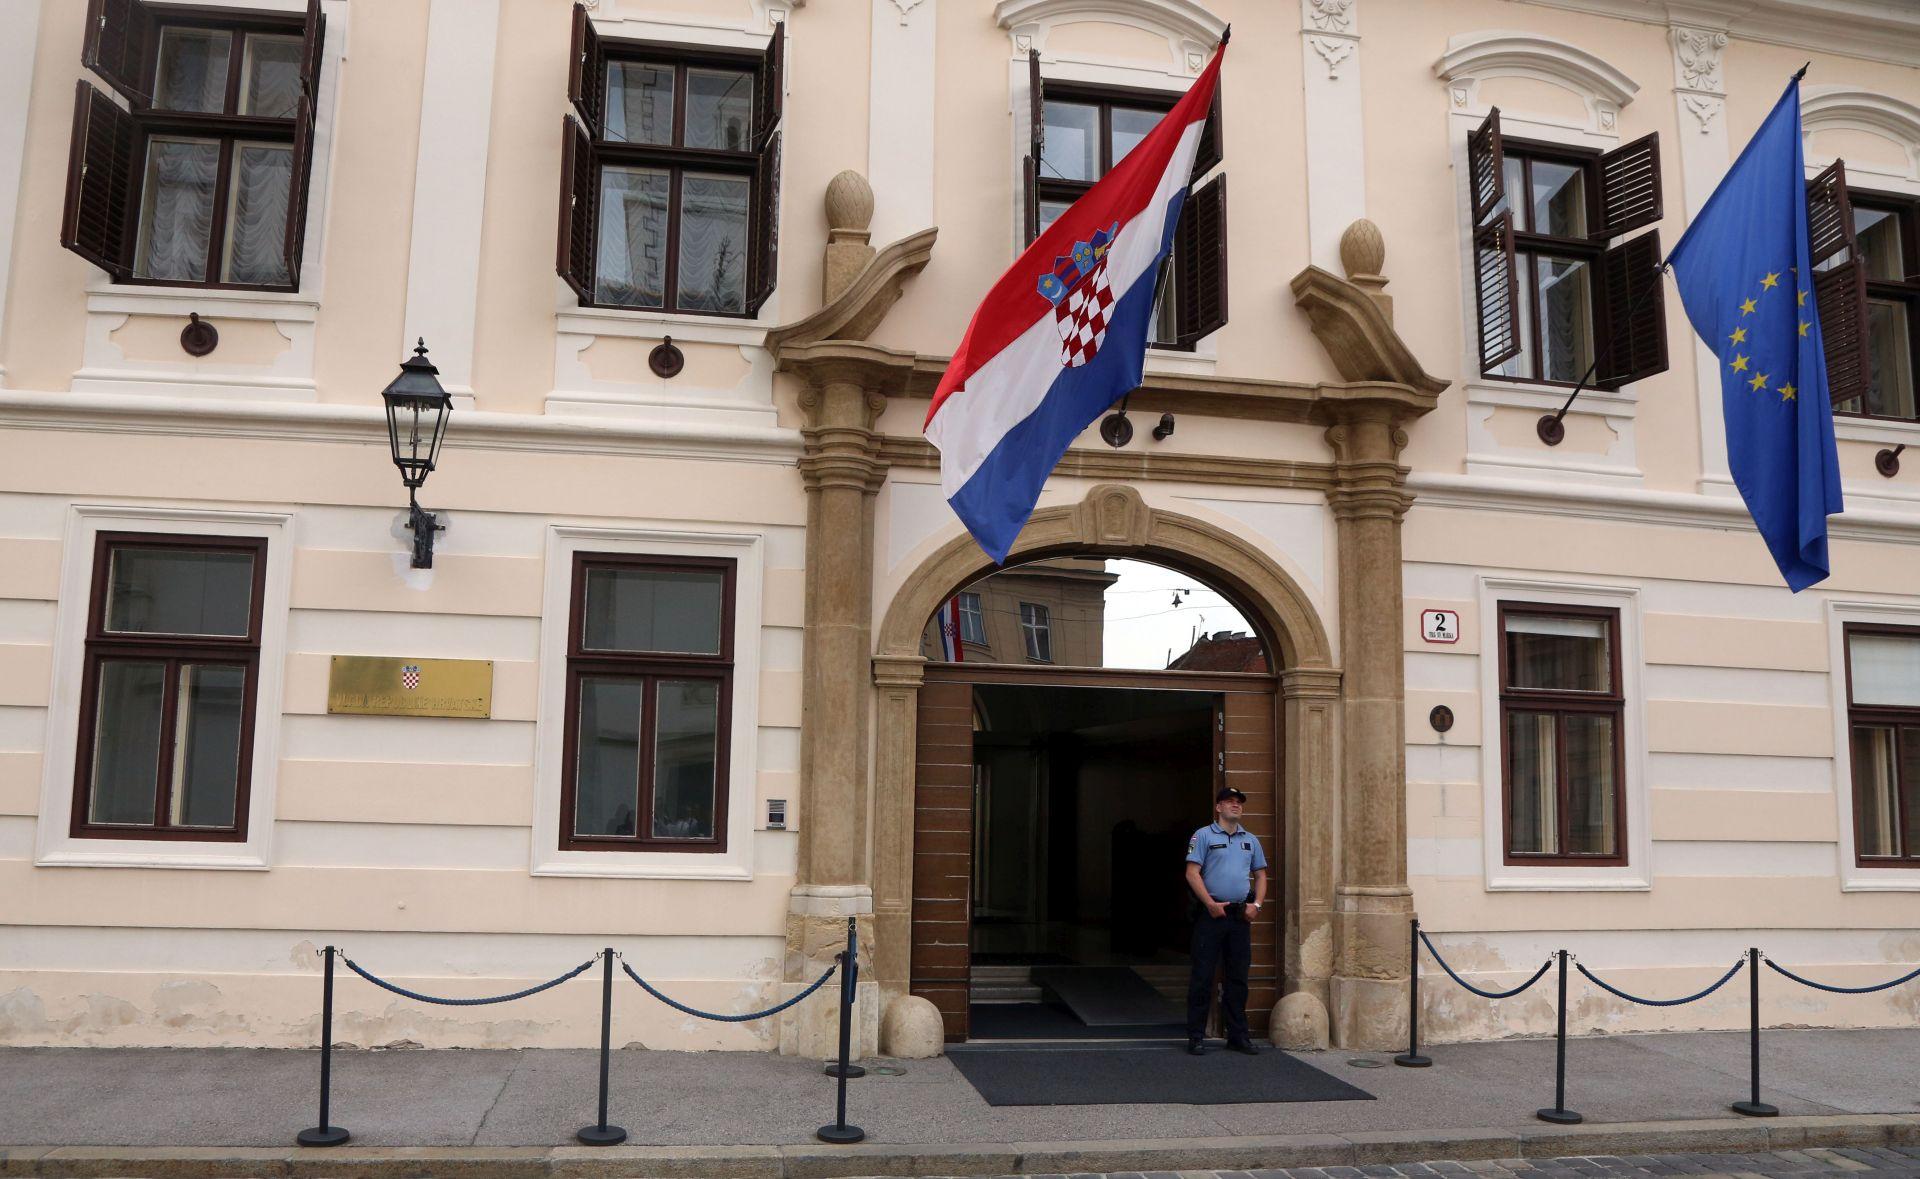 SAZNALI U ČETVRTAK Vlada reagirala na poništenje arbitraže protiv MOL-a